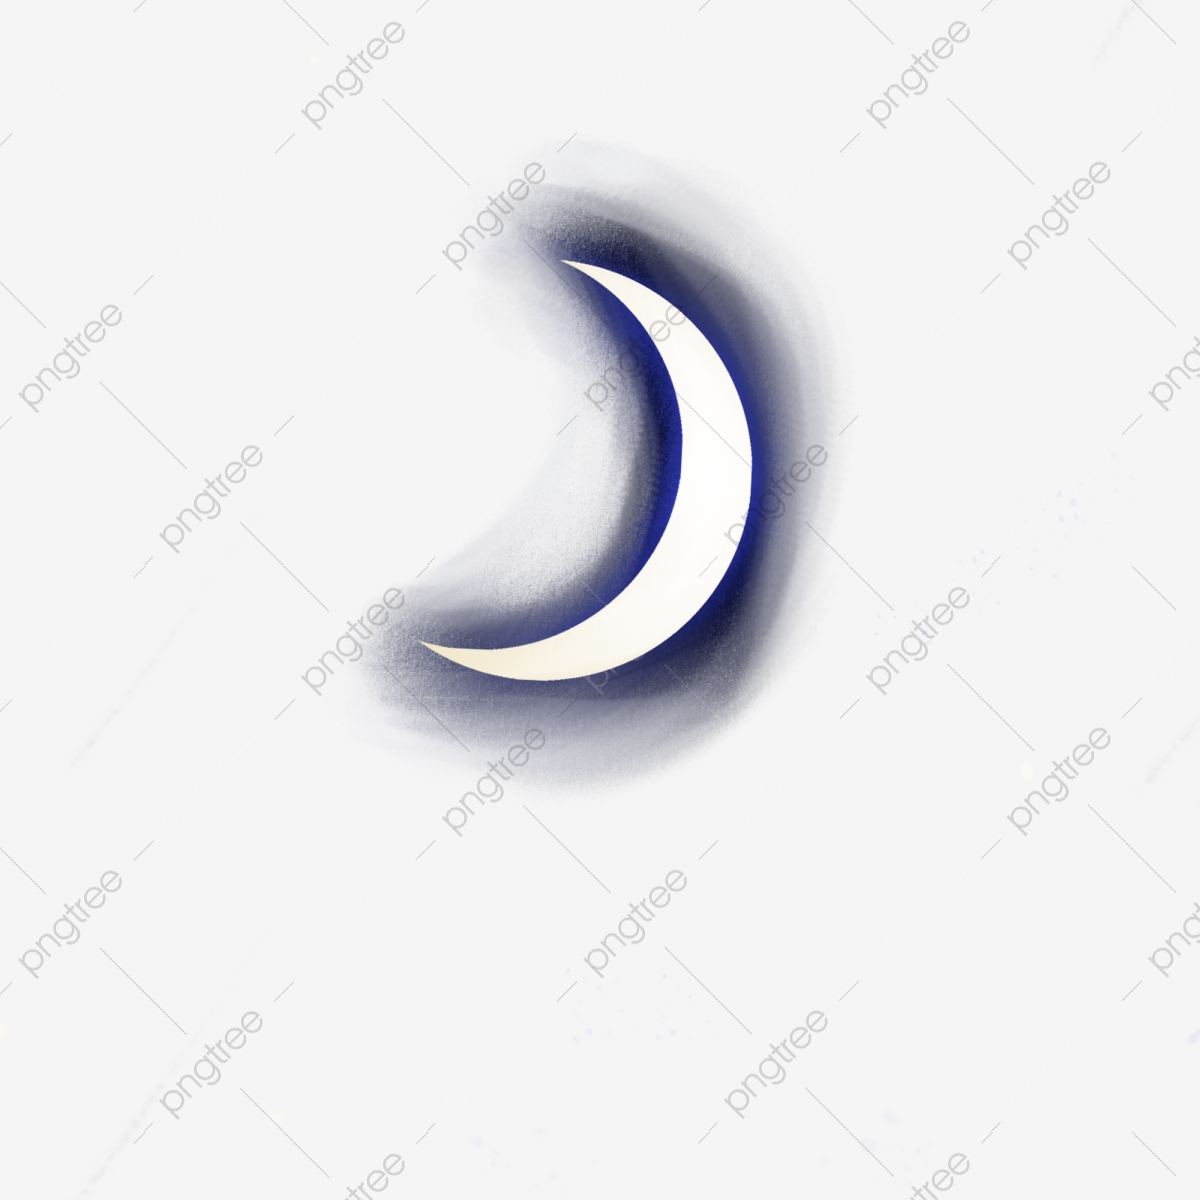 Drapeau: Drapeau Rouge Et Blanc Avec Croissant De Lune